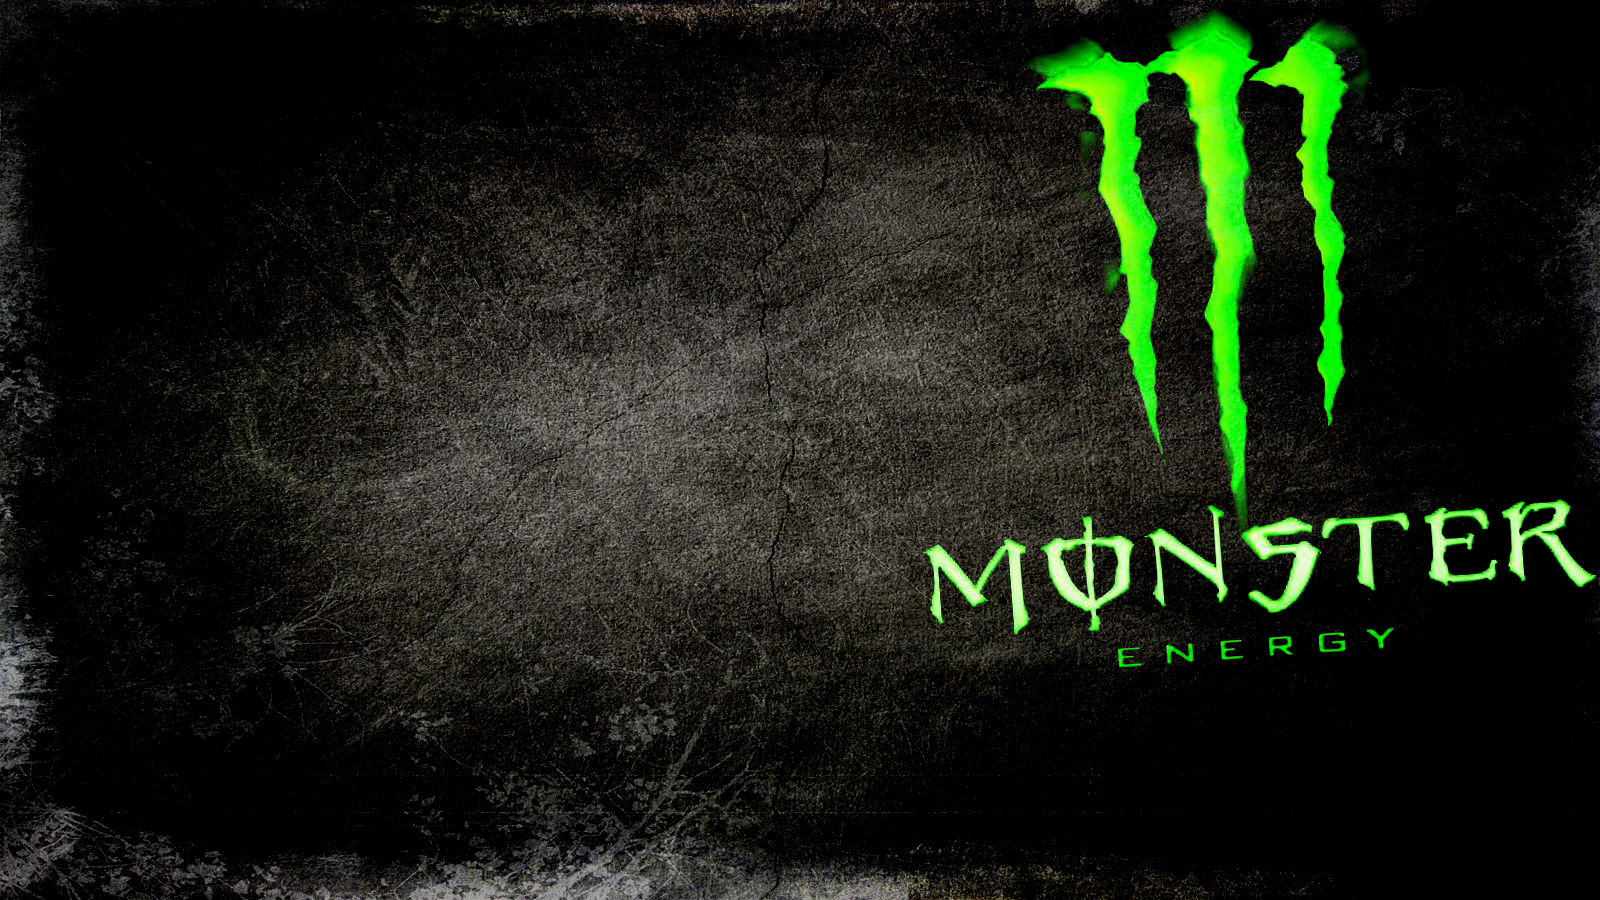 http://3.bp.blogspot.com/-OFQAJhsxmgg/Tntpi9qymTI/AAAAAAAAAUE/K6Bbj6fN9cs/s1600/Monster_Energy_Wallpaper_by_UndeadJx.jpg